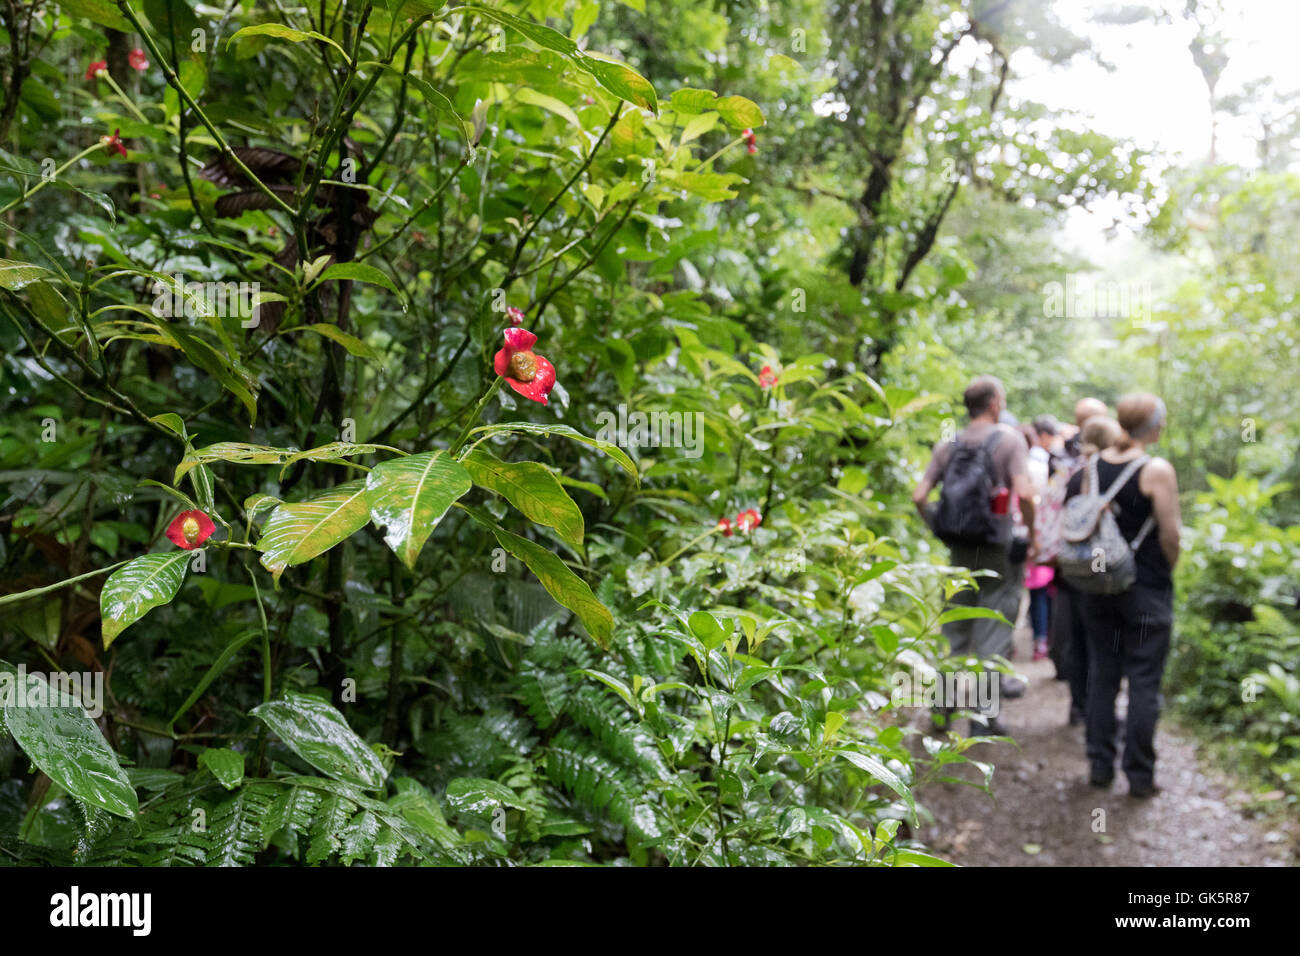 Bosque Nuboso Monteverde; un grupo de gente caminando en el bosque nuboso de Monteverde, Costa Rica, Centroamérica Imagen De Stock